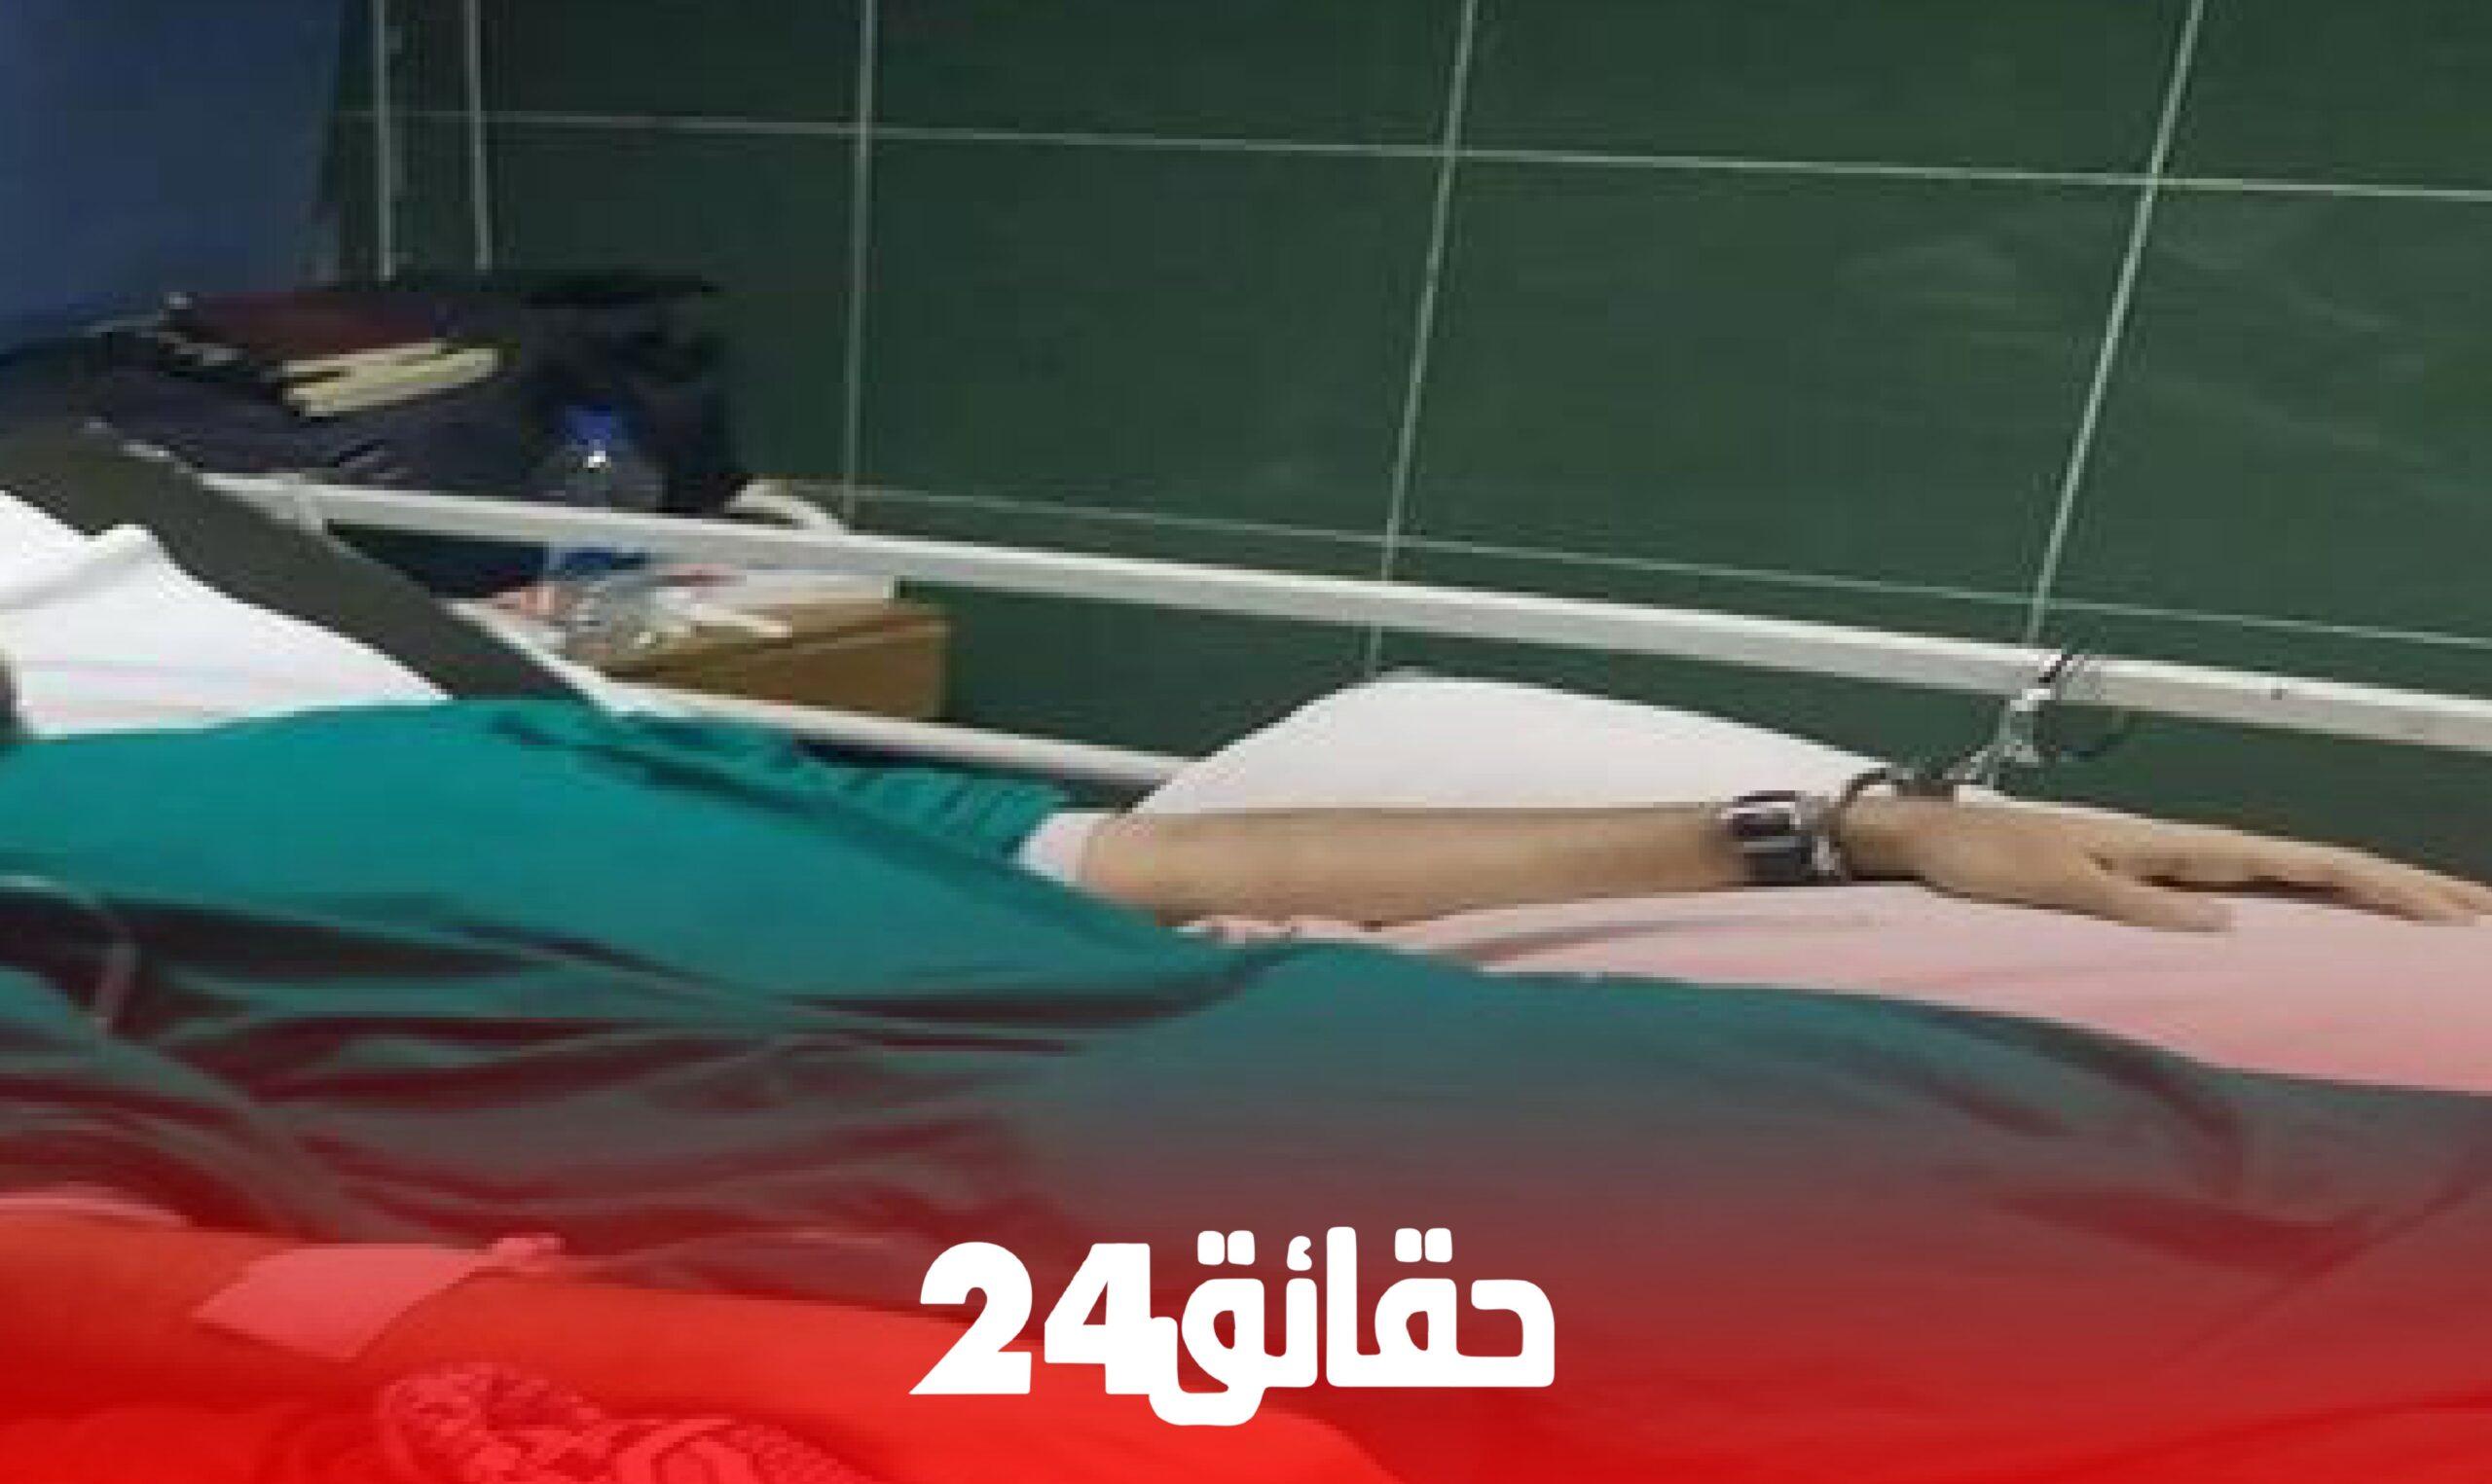 صورة قتل والدته وأضرم النار في جسده .. إنتحار شخص كان رهن الحراسة الطبية برمي نفسه من نافذة المستشفى